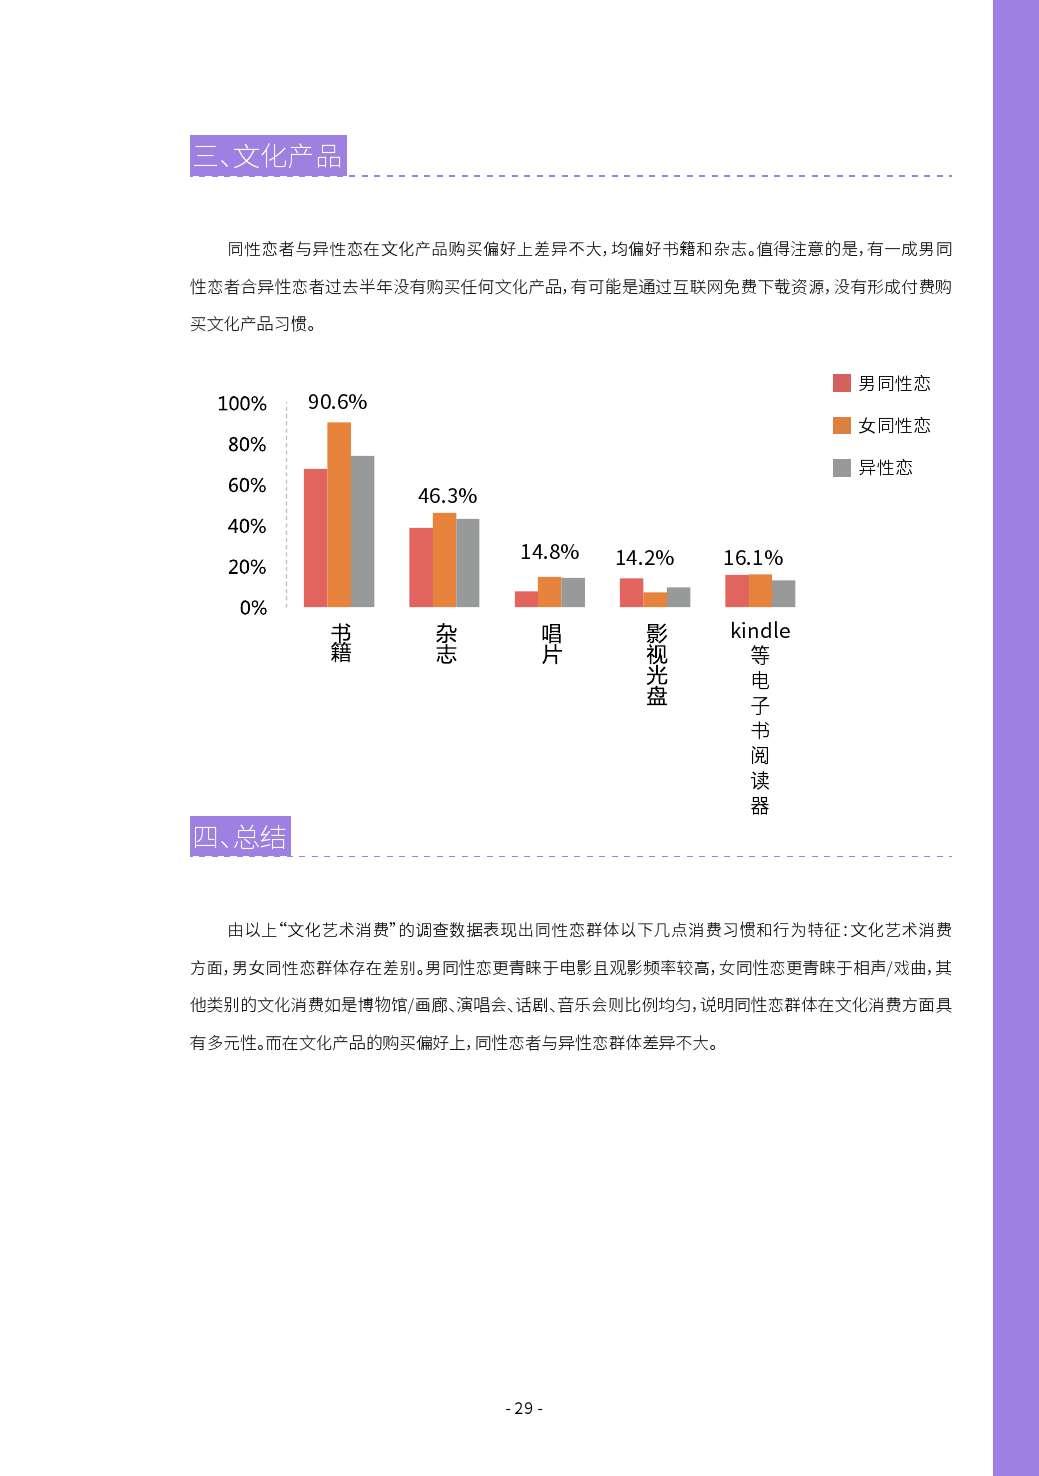 第二届中国LGBT群体消费调查报告_000029